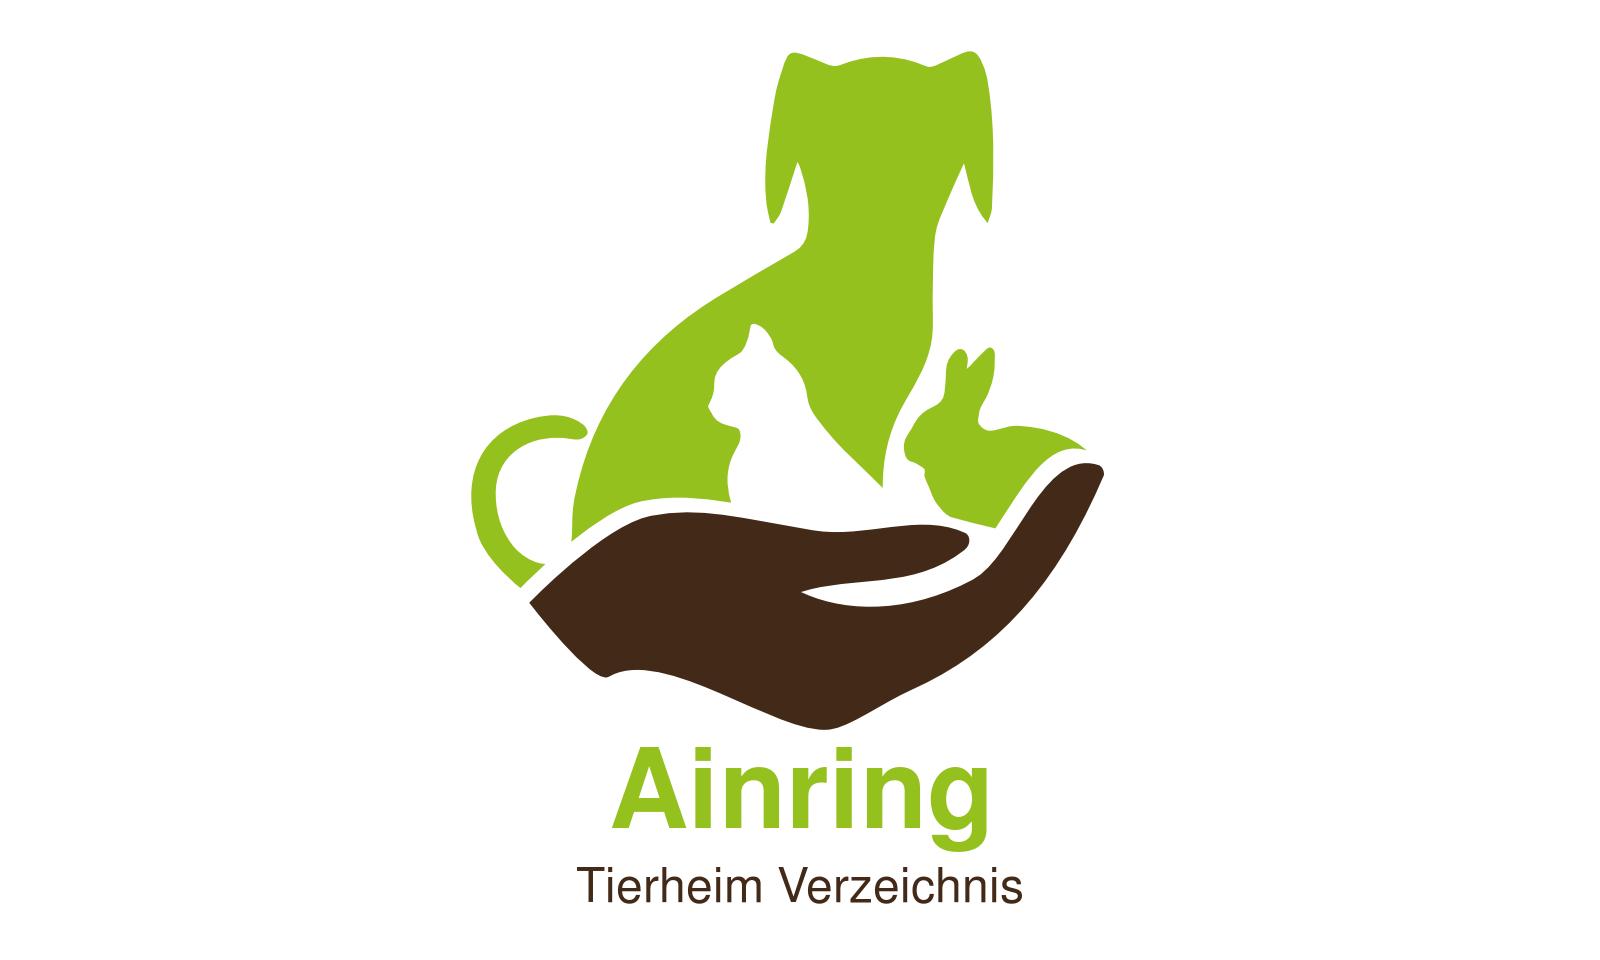 Tierheim Ainring